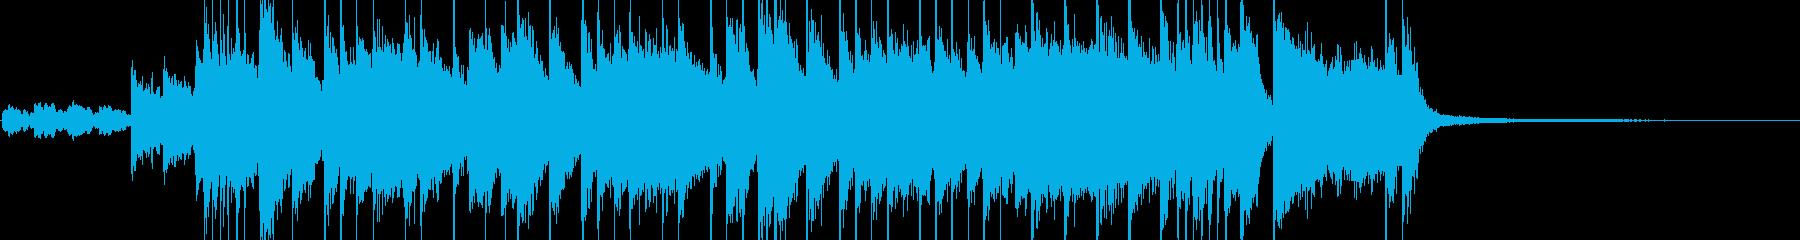 元気溌剌なシンセポップの再生済みの波形